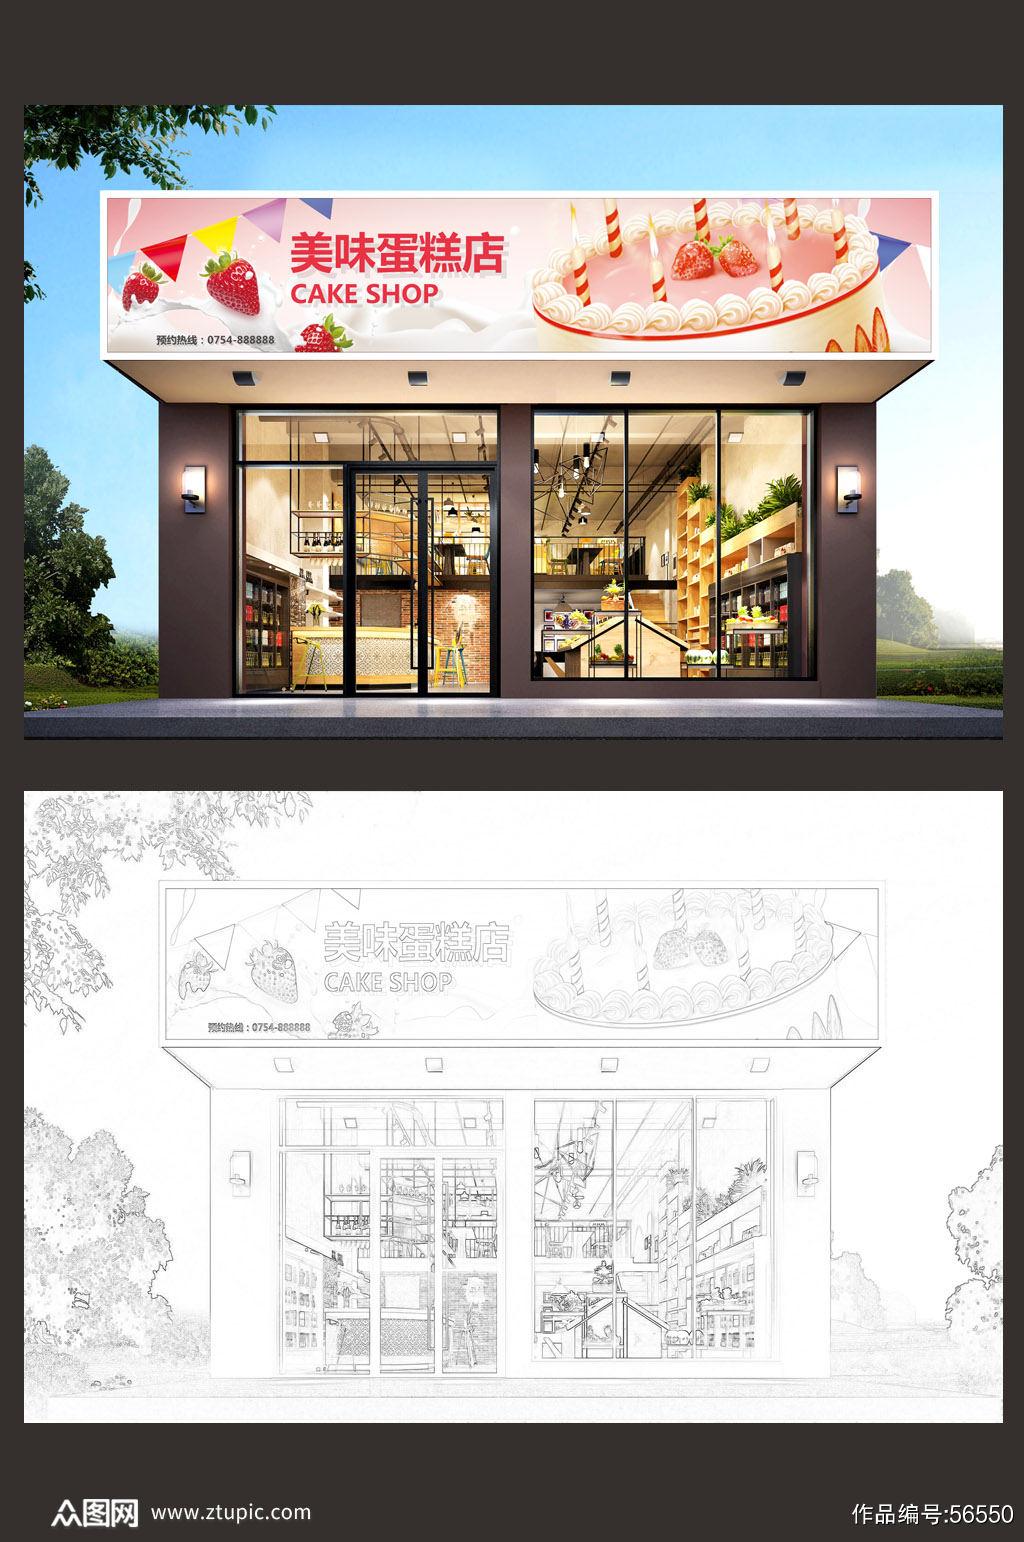 漂亮面包店蛋糕店门头设计图片素材